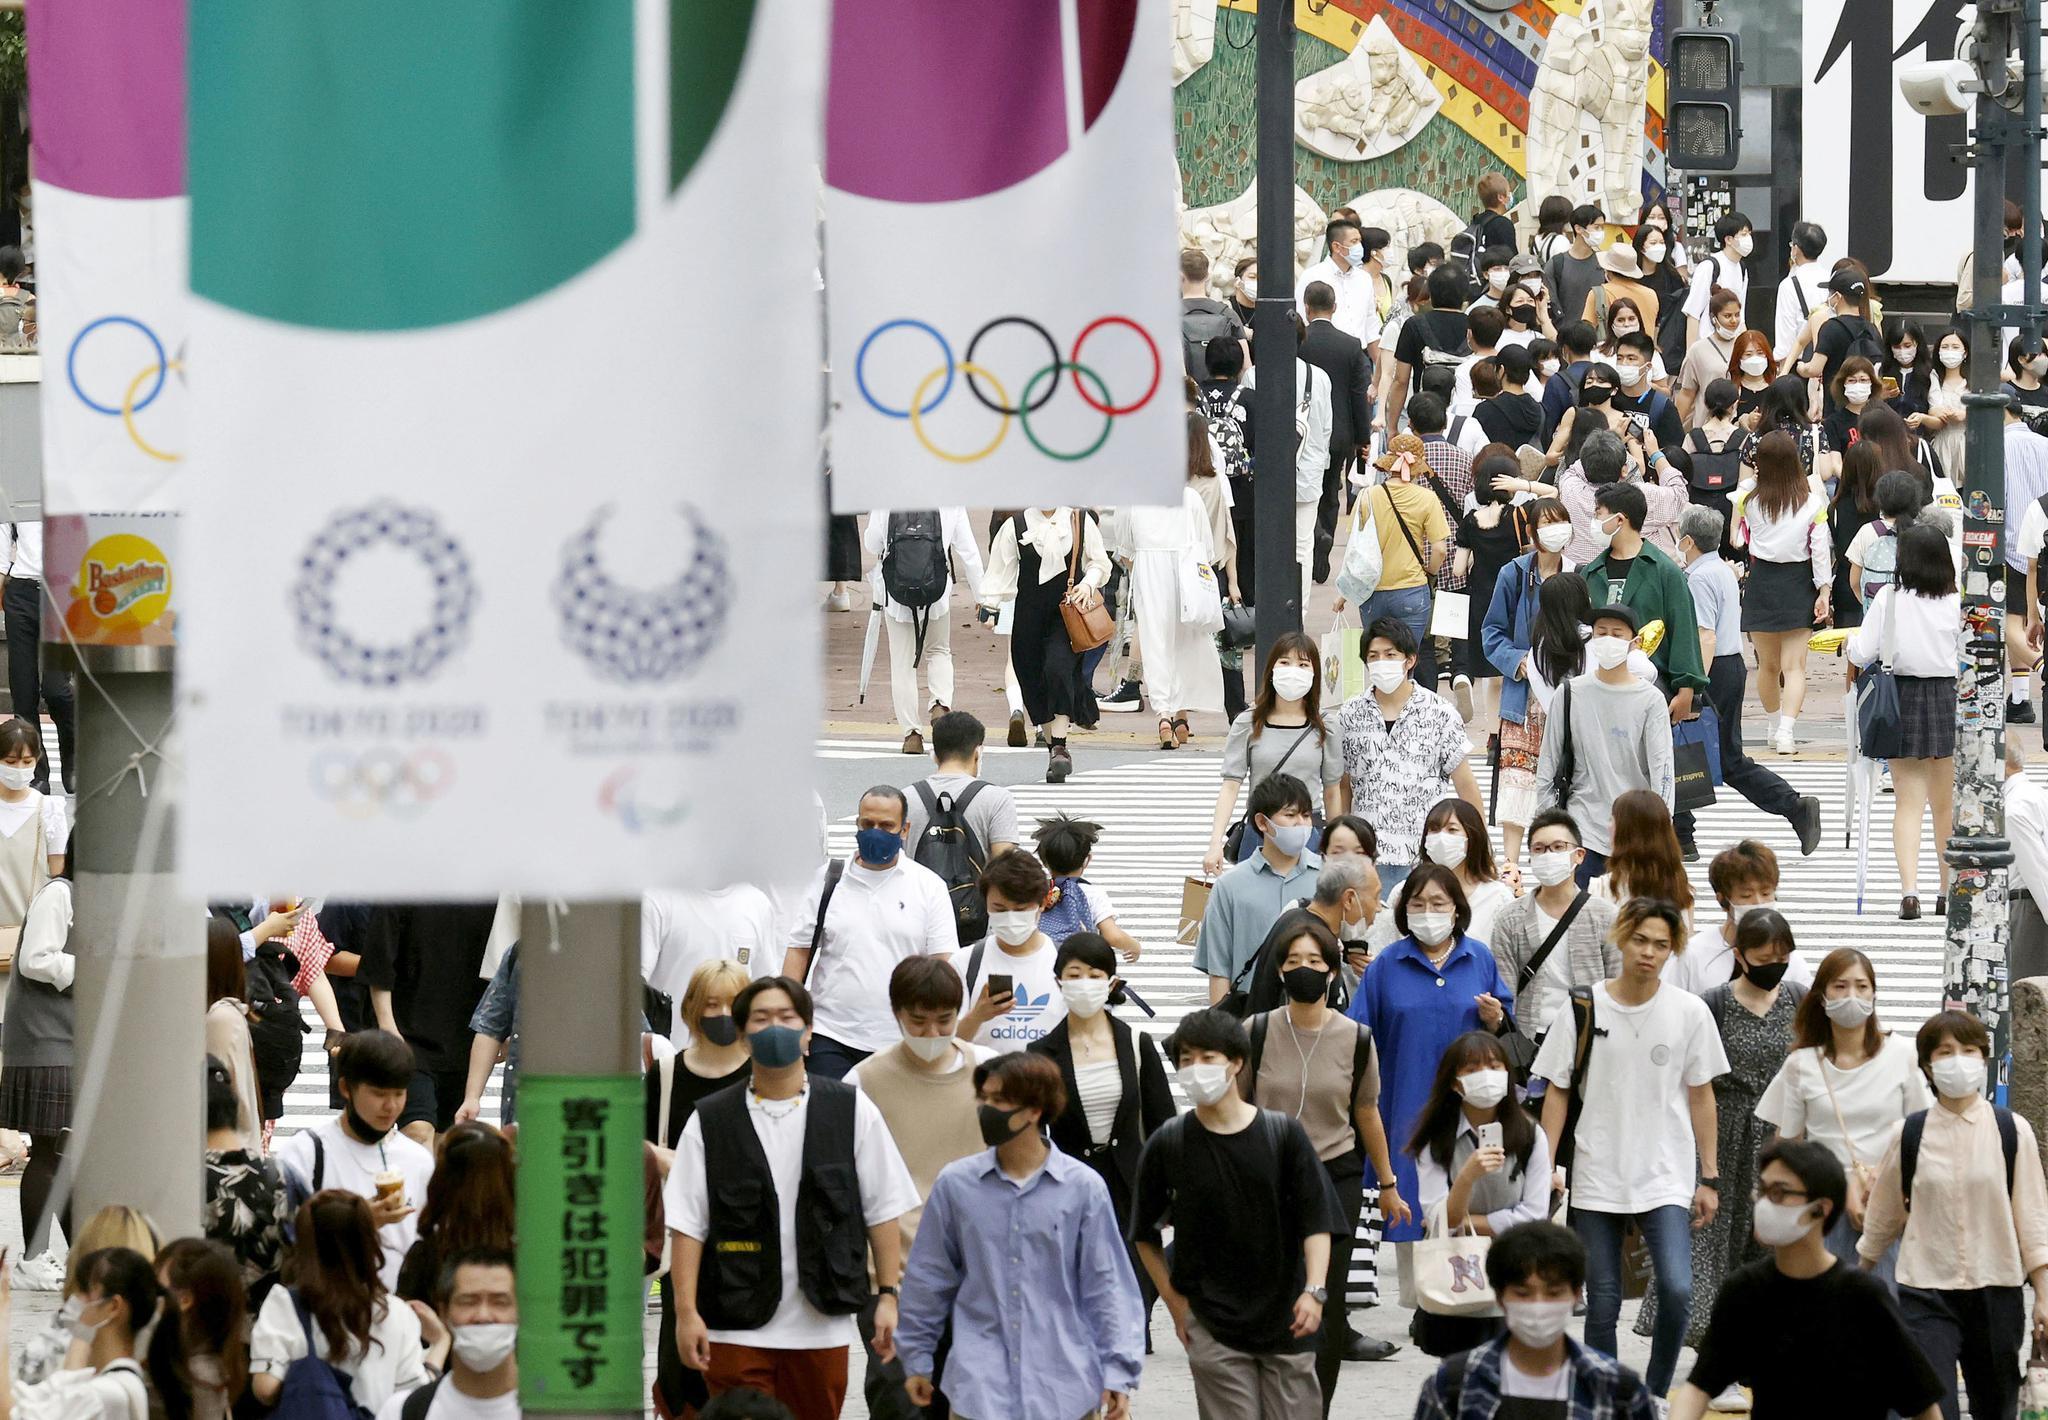 无人机组成东京奥运会徽后拼出地球